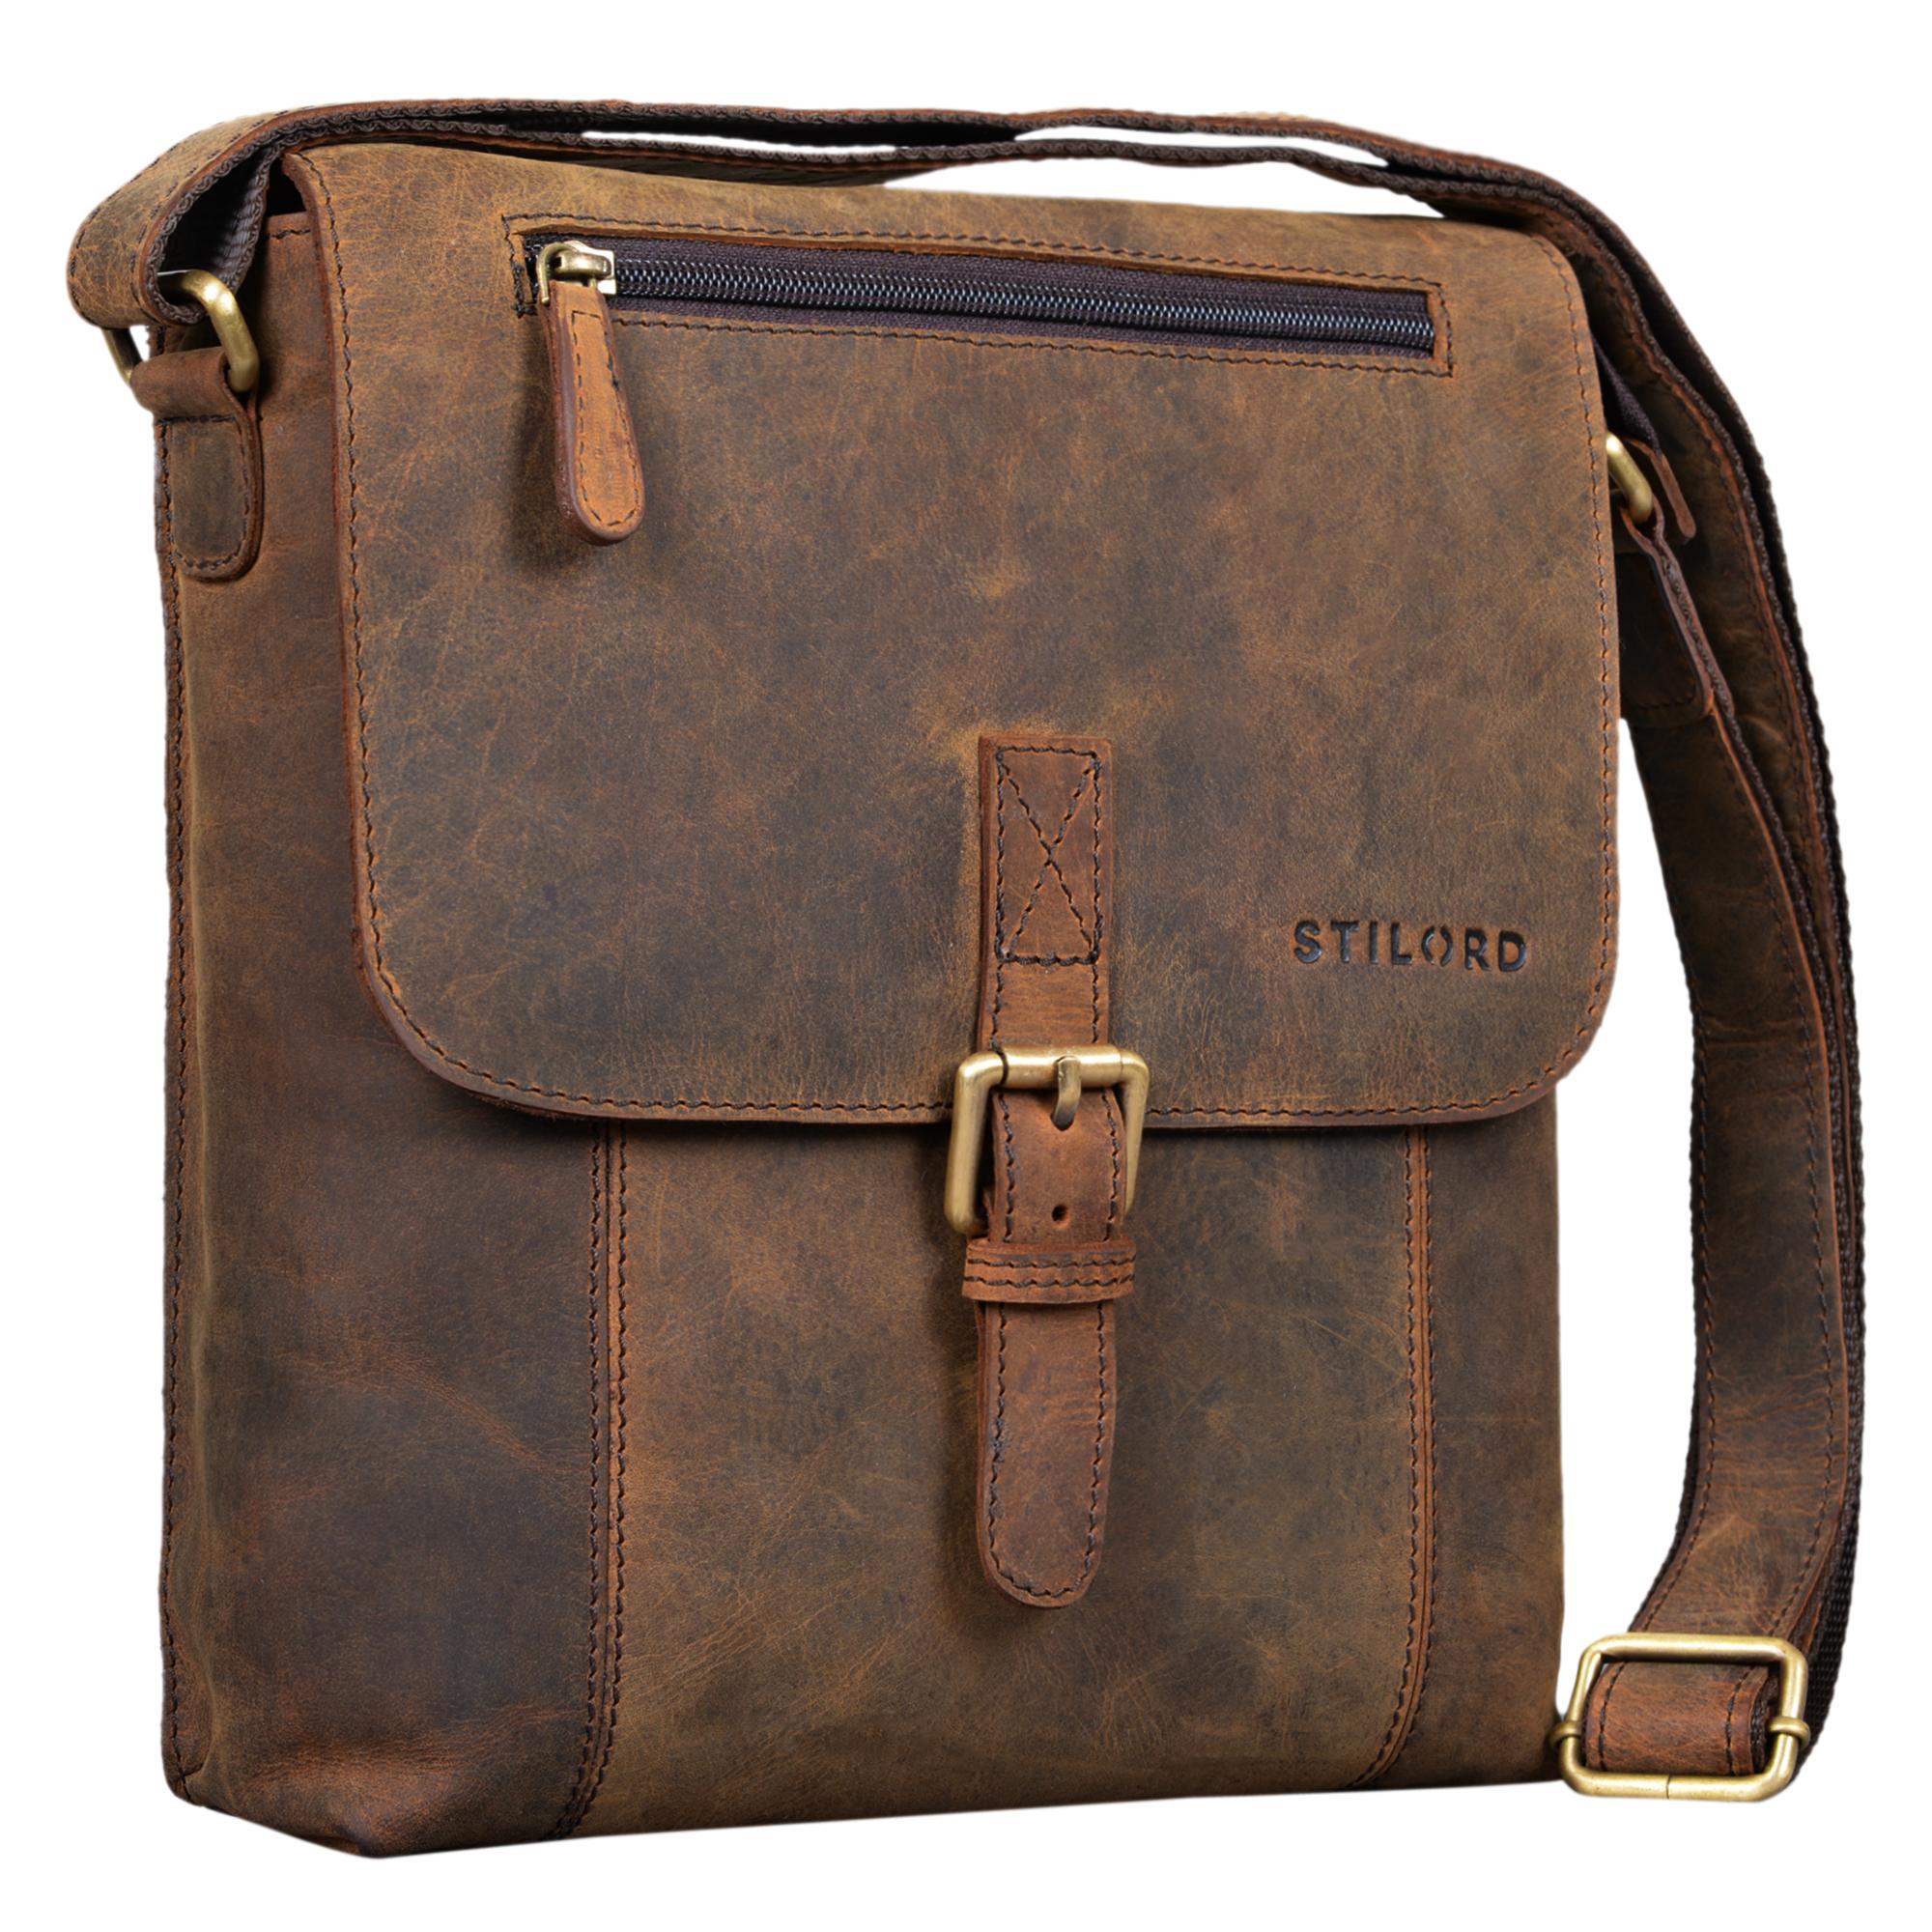 """STILORD """"Matthias"""" Herren Umhängetasche Leder Vintage Messenger Tasche 10.1 Zoll Tablettasche klein Schultertasche echtes Rinds-Leder - Bild 10"""